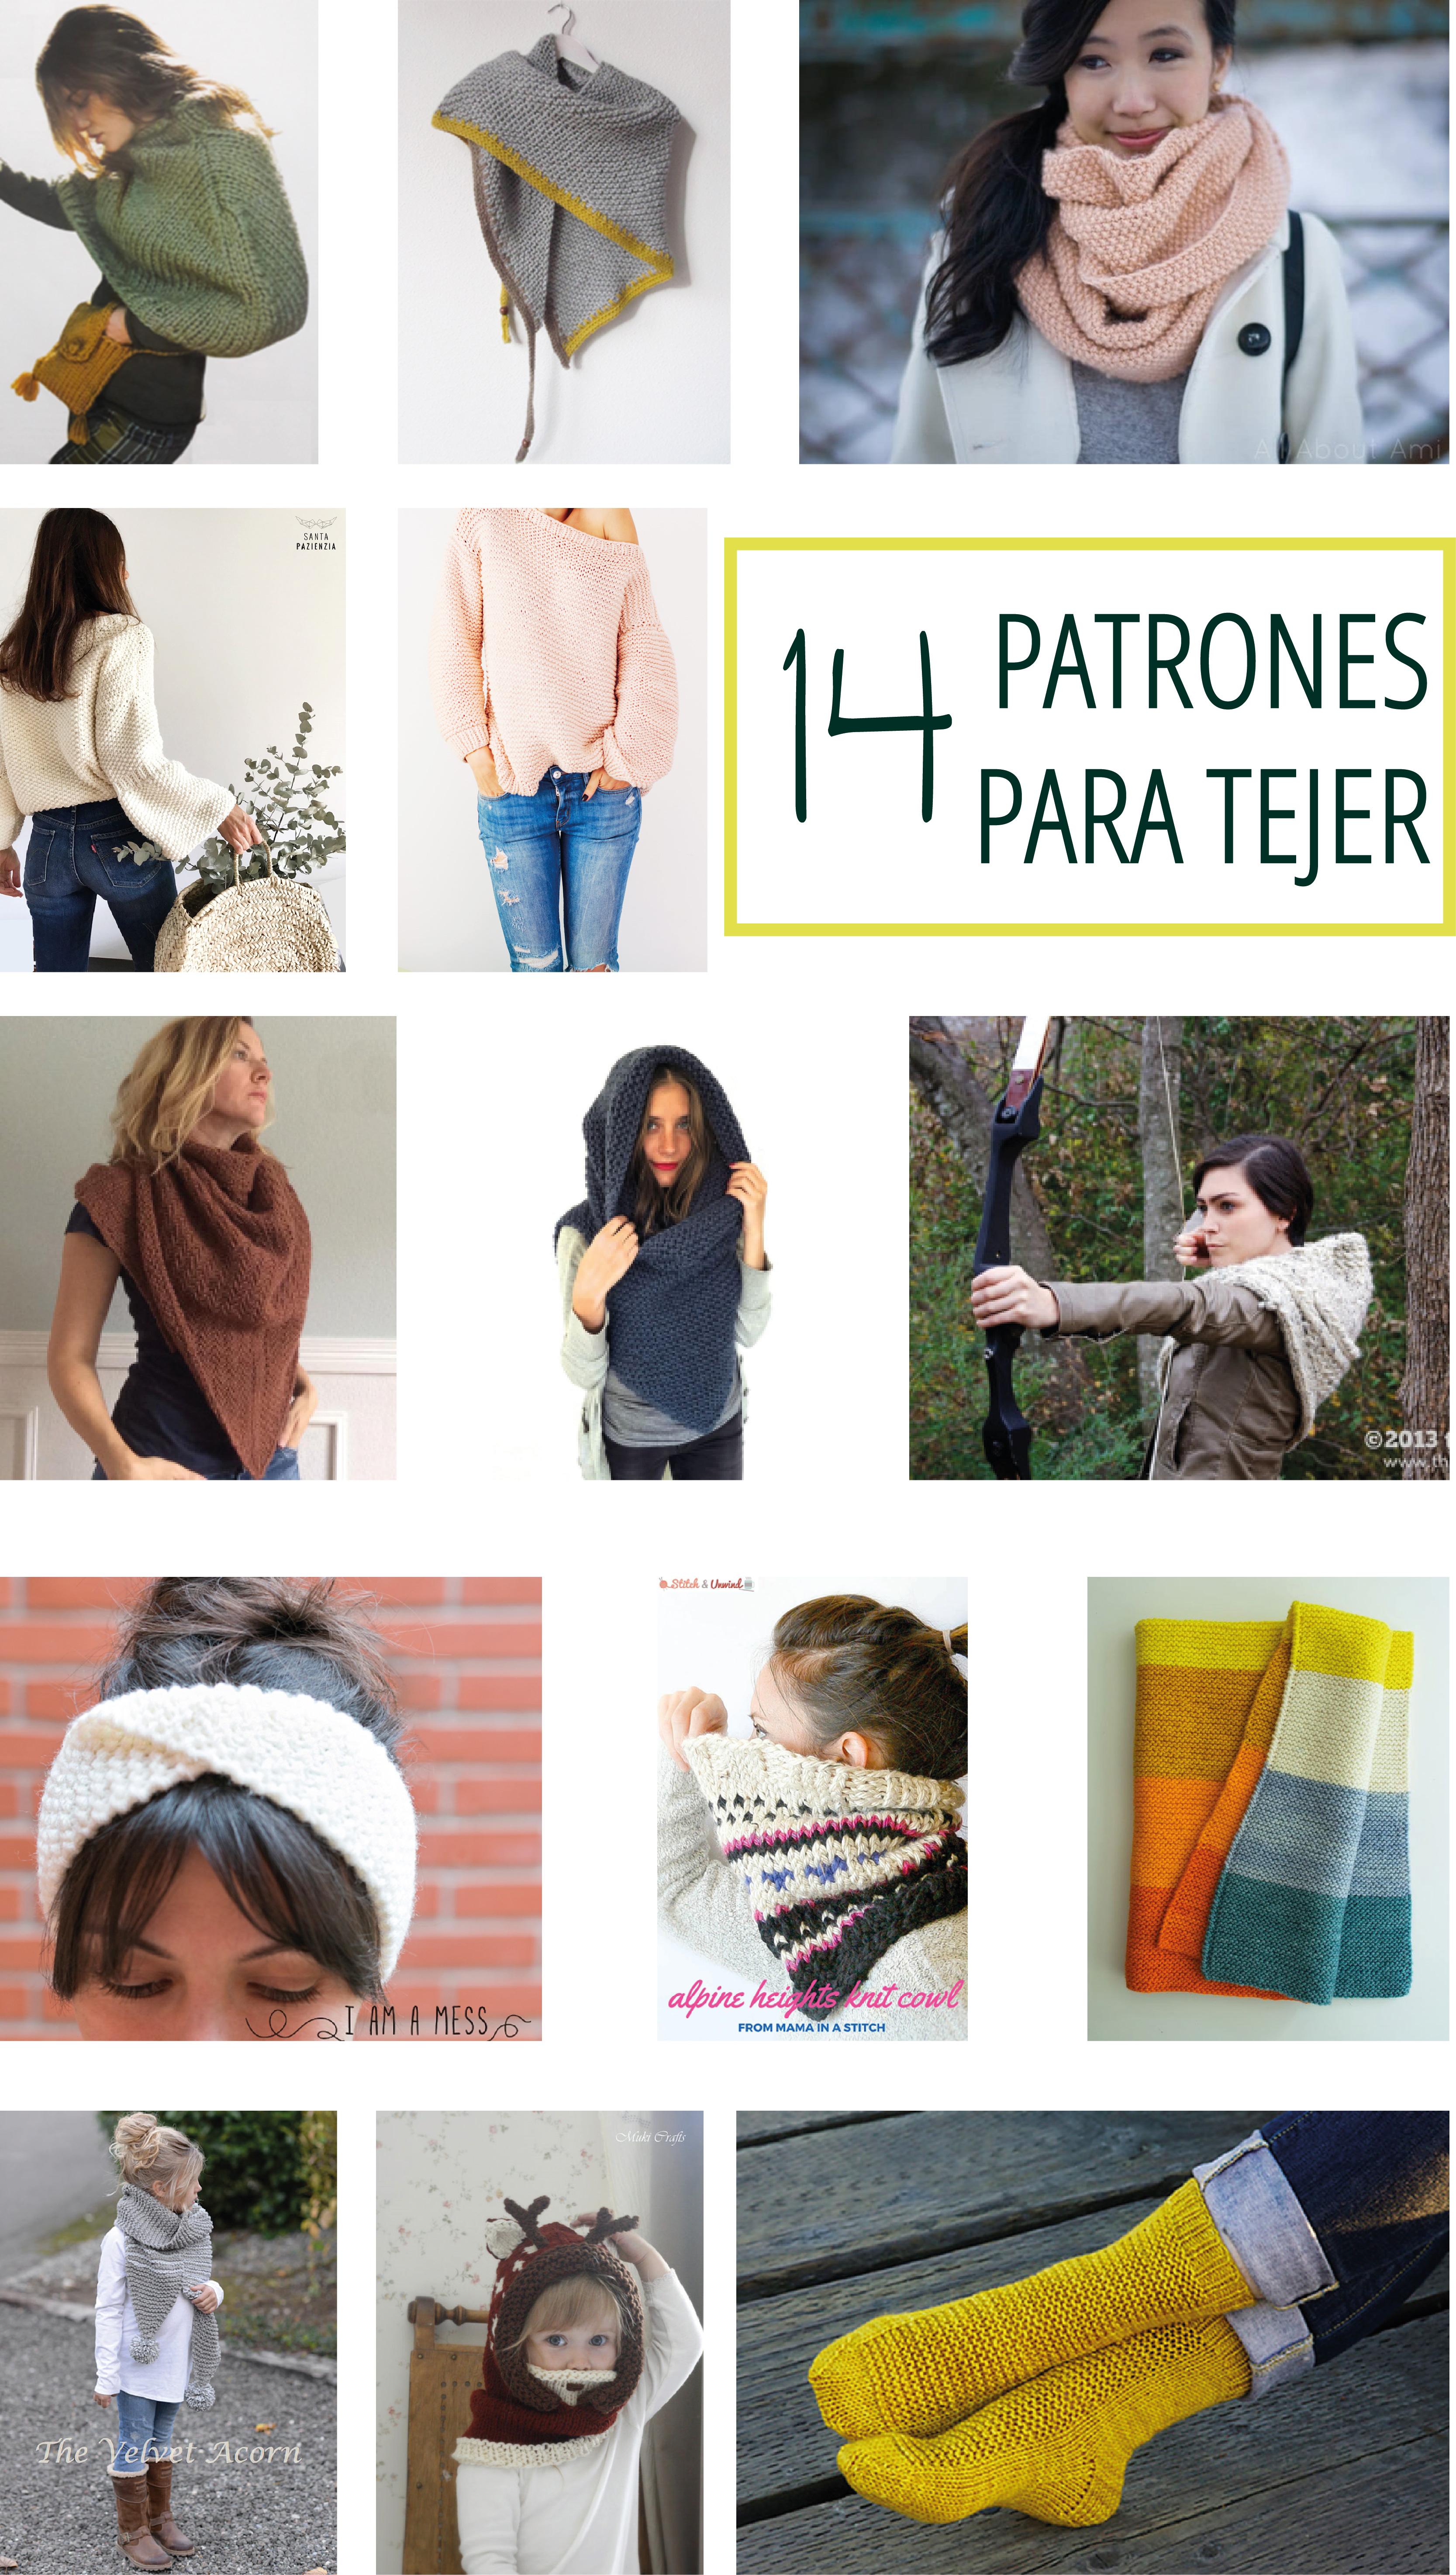 14 PATRONES para TEJER | letroup